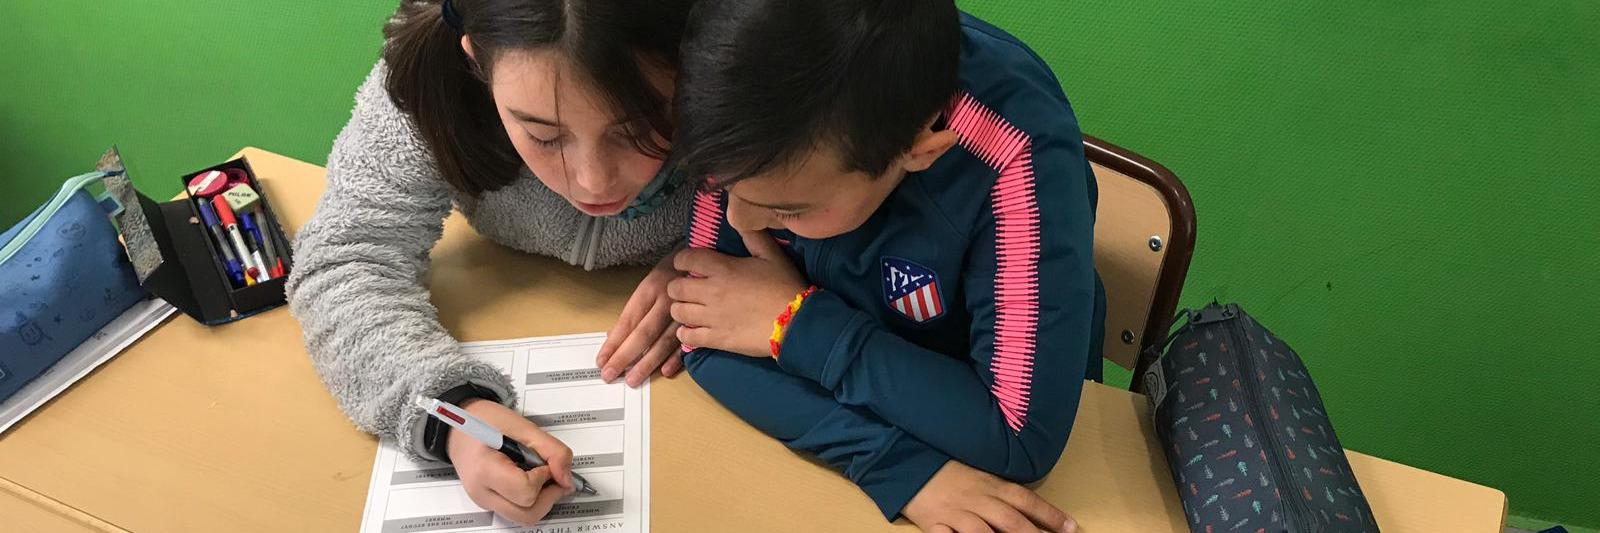 Aprendizaje por proyectos en 5º de Primaria: ¡Reporteros en acción!